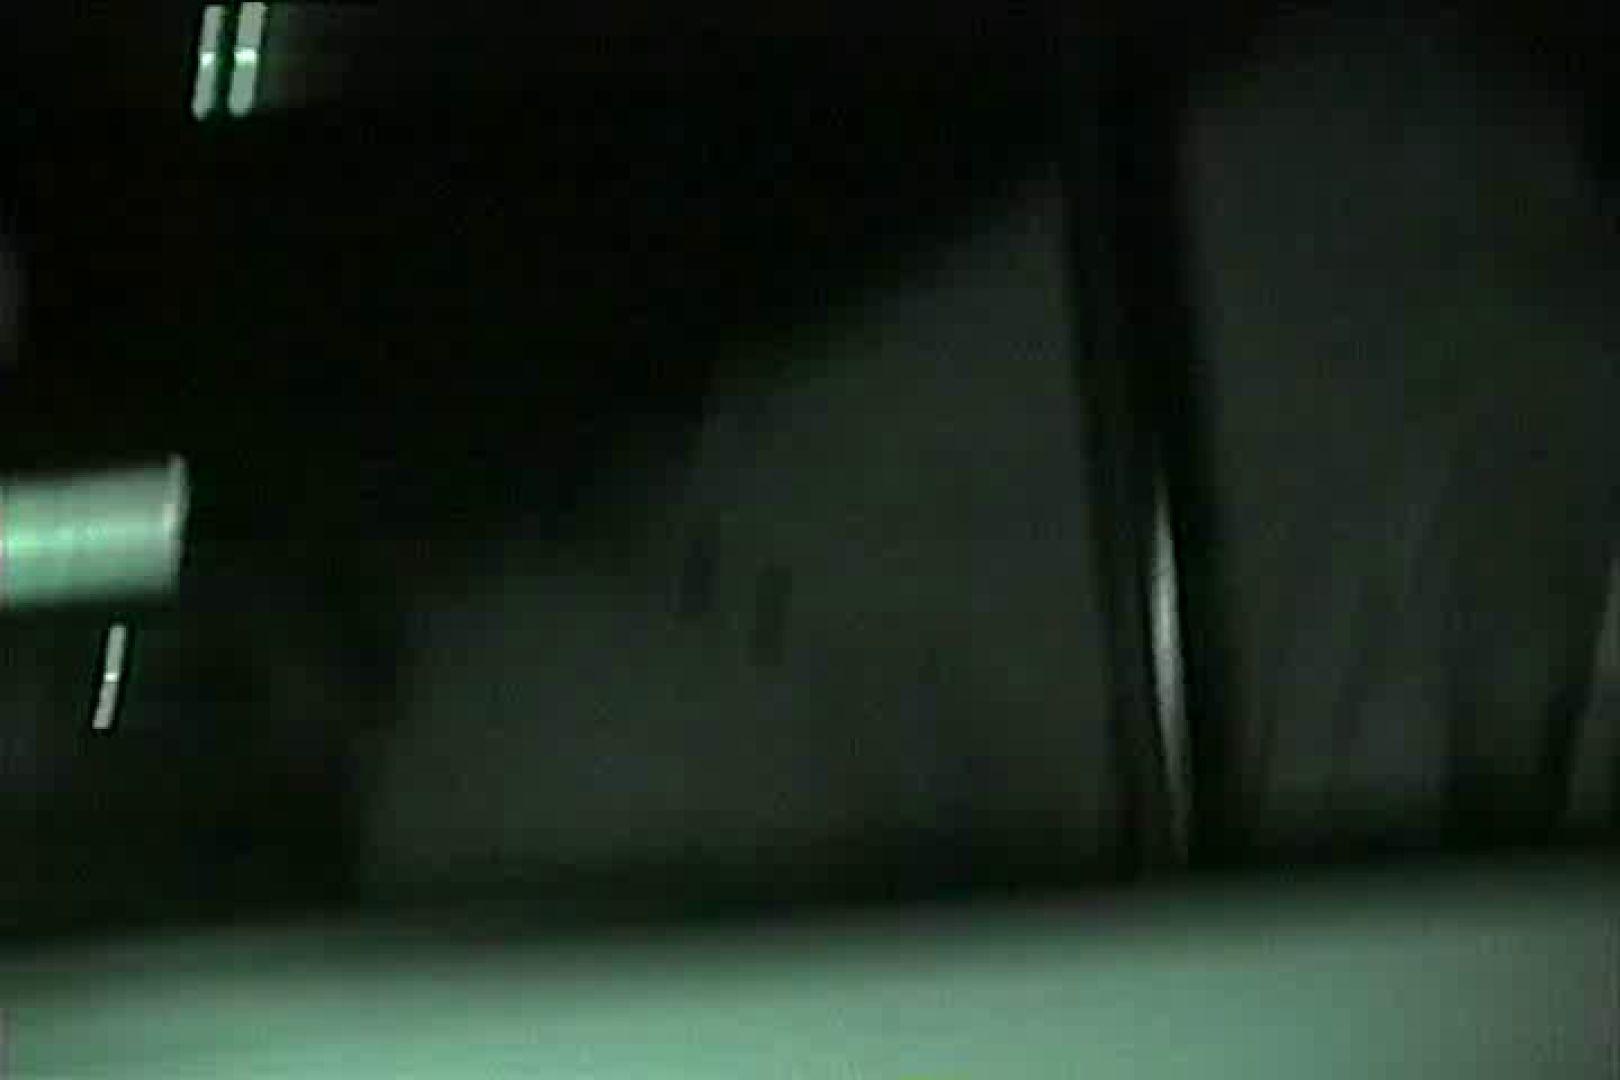 カーセックス未編集・無修正版 Vol.11 独身エッチOL   カーセックス  106pic 26